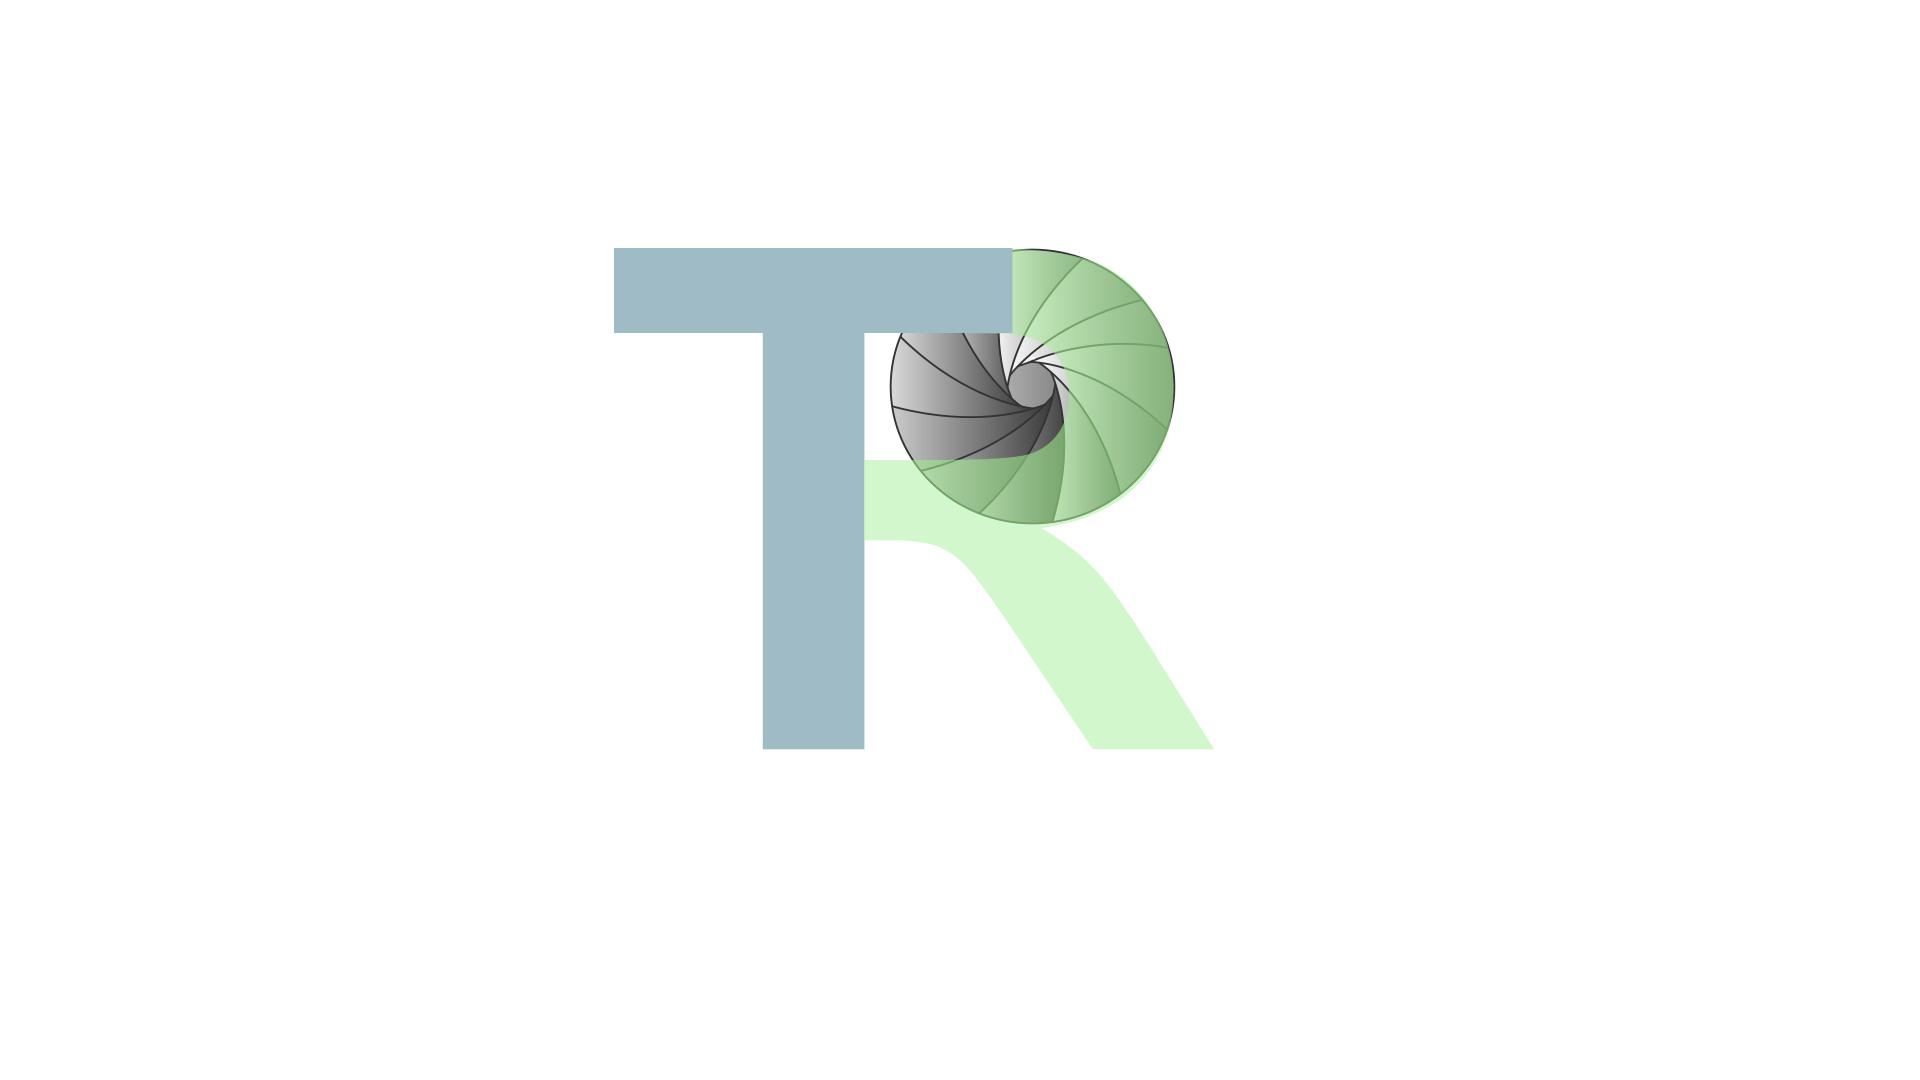 logo pt 2.png